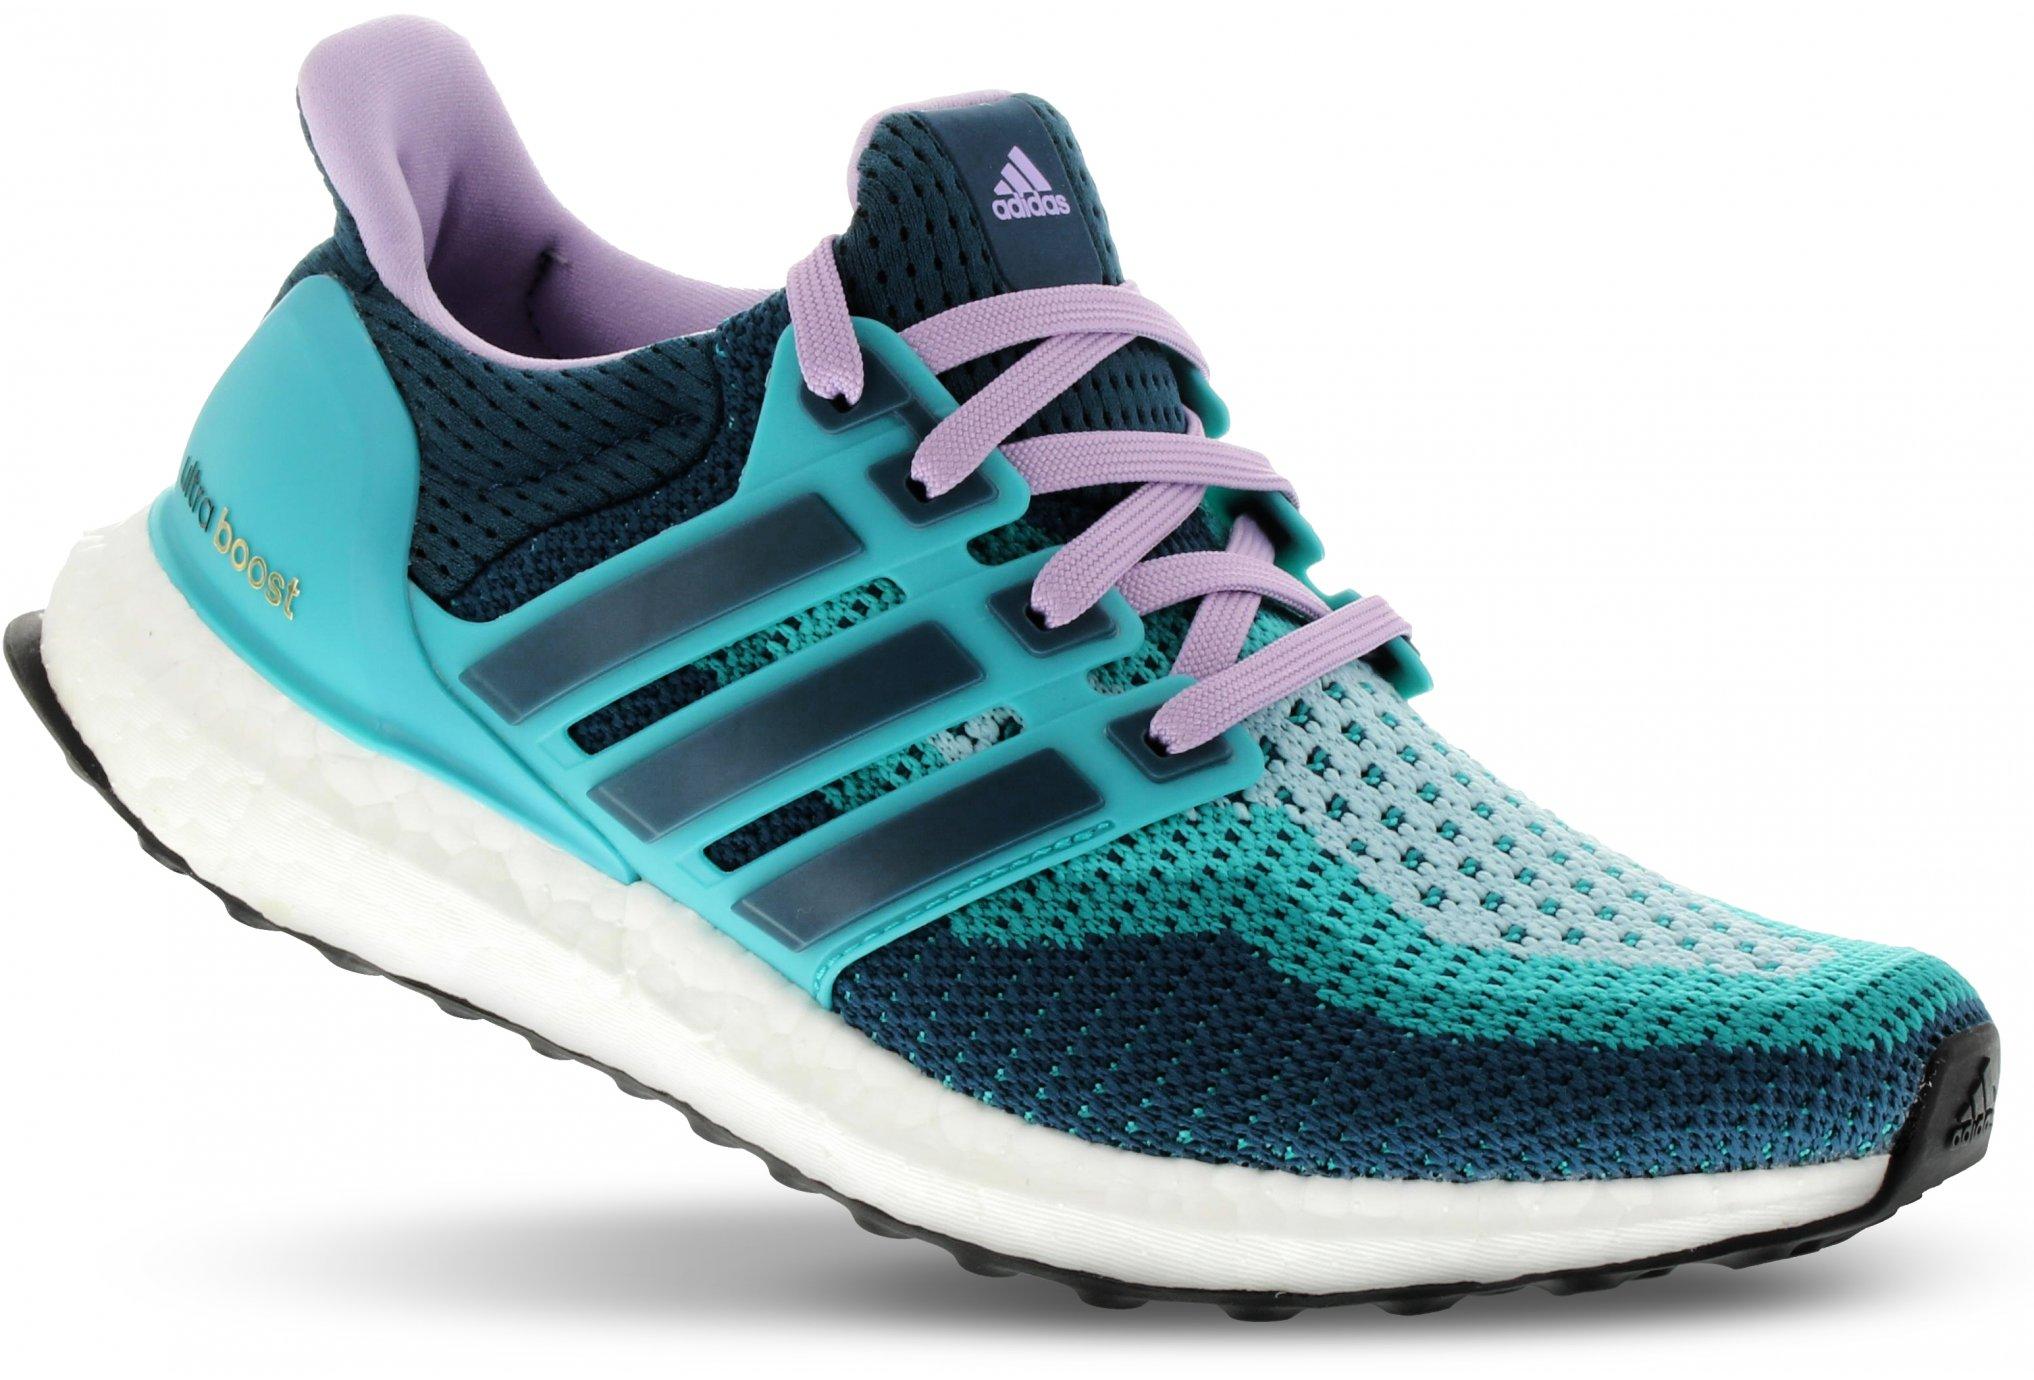 Adidas Ultraboost w diététique chaussures femme